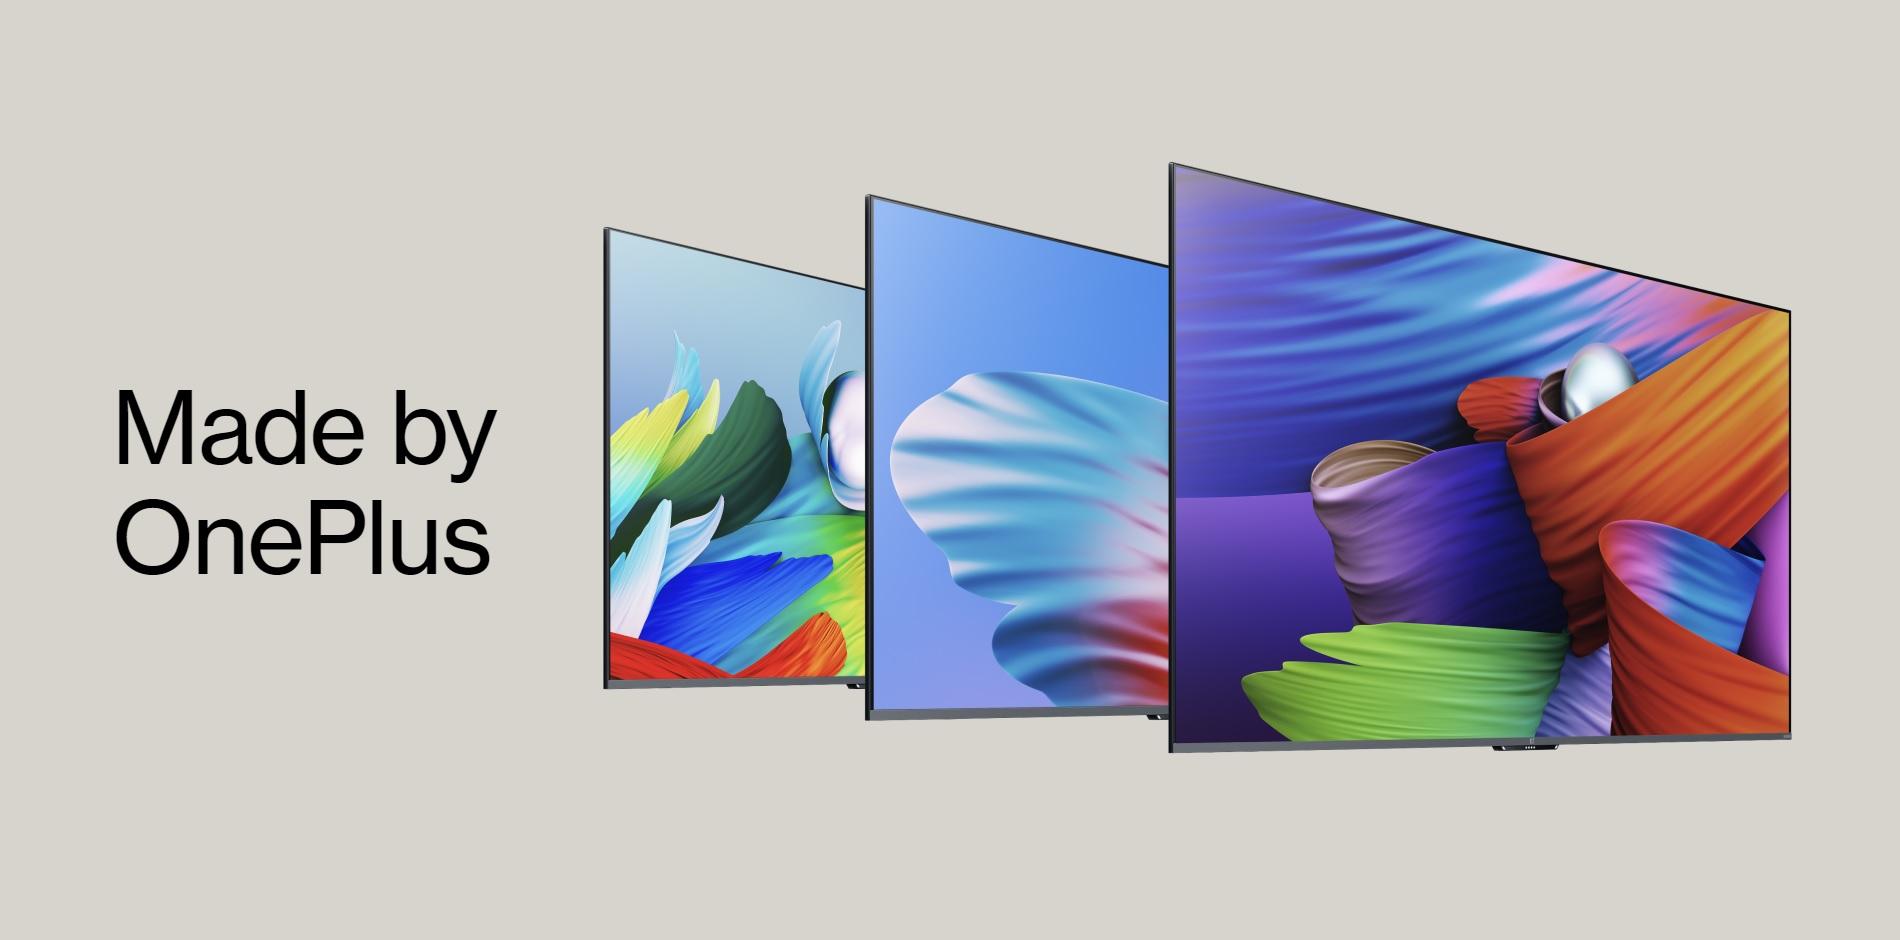 telewizory OnePlus TV U1S (źródło OnePlus)